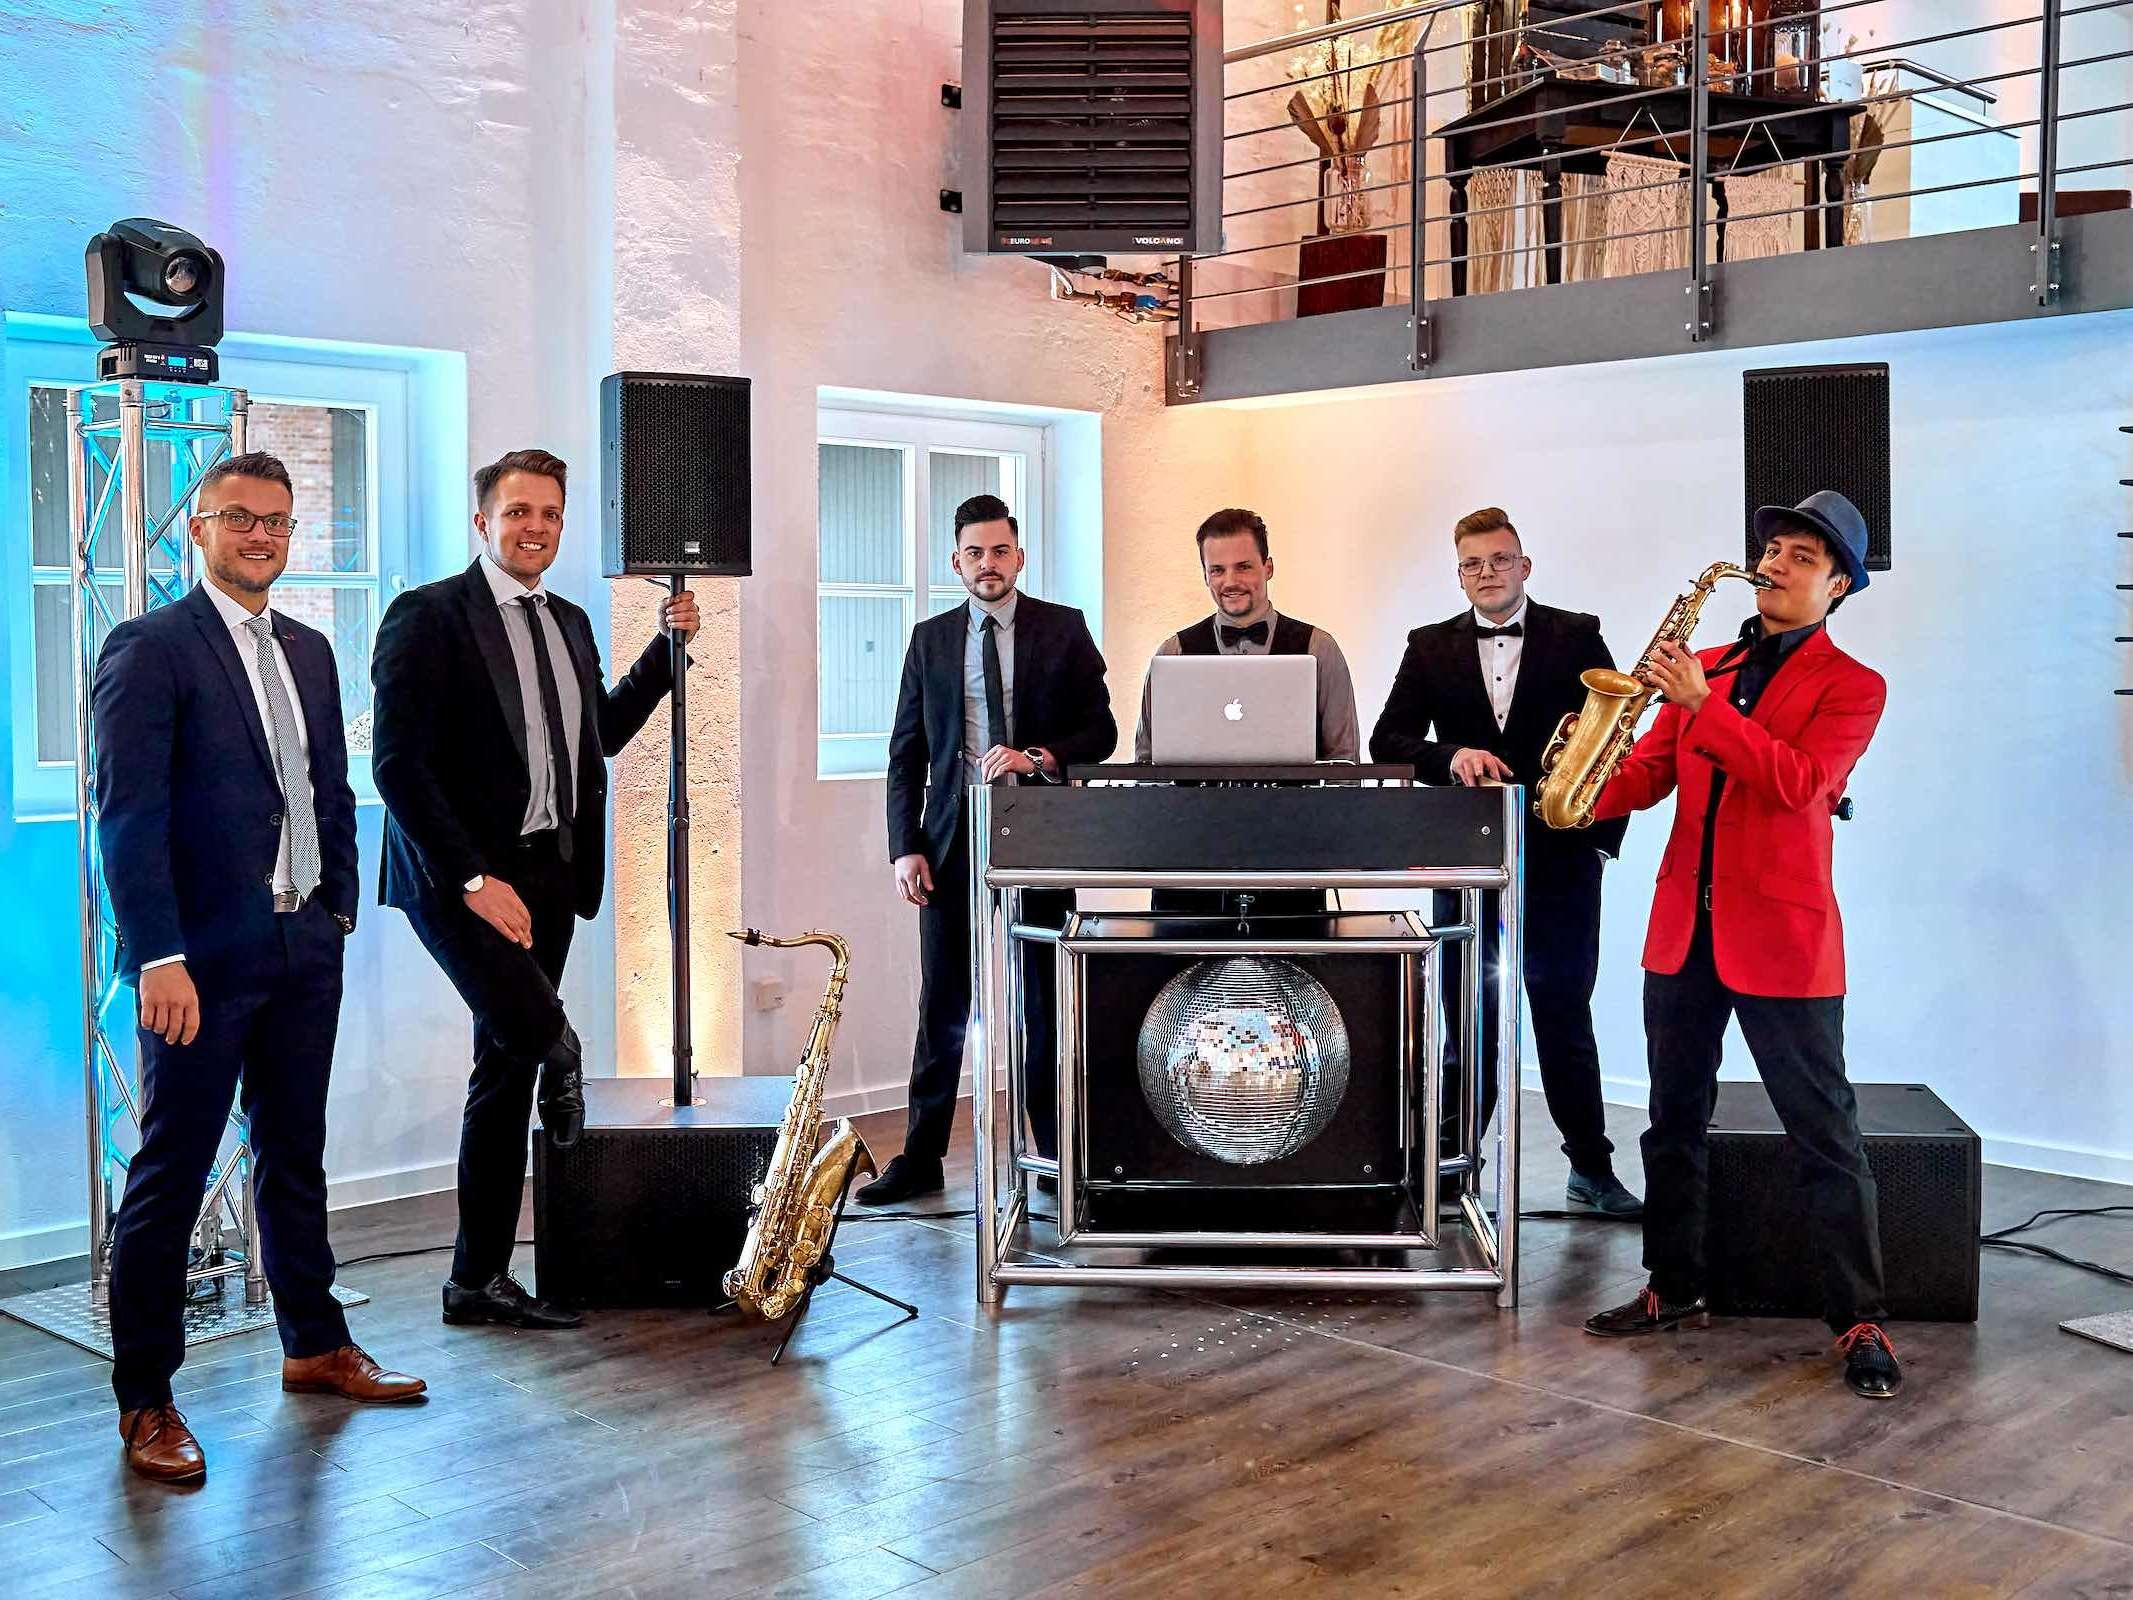 DJ | Hannover | Hochzeit | Firmenfeier | Geburtstag | Messe | DJ | Timm | DJ | Daniel | DJ | Nils | DJ | Pascal | DJ | Marco | DJ | Marvin | Saxophonist | DJ | Agentur | DJ | Service | Lehmann | Eventservice